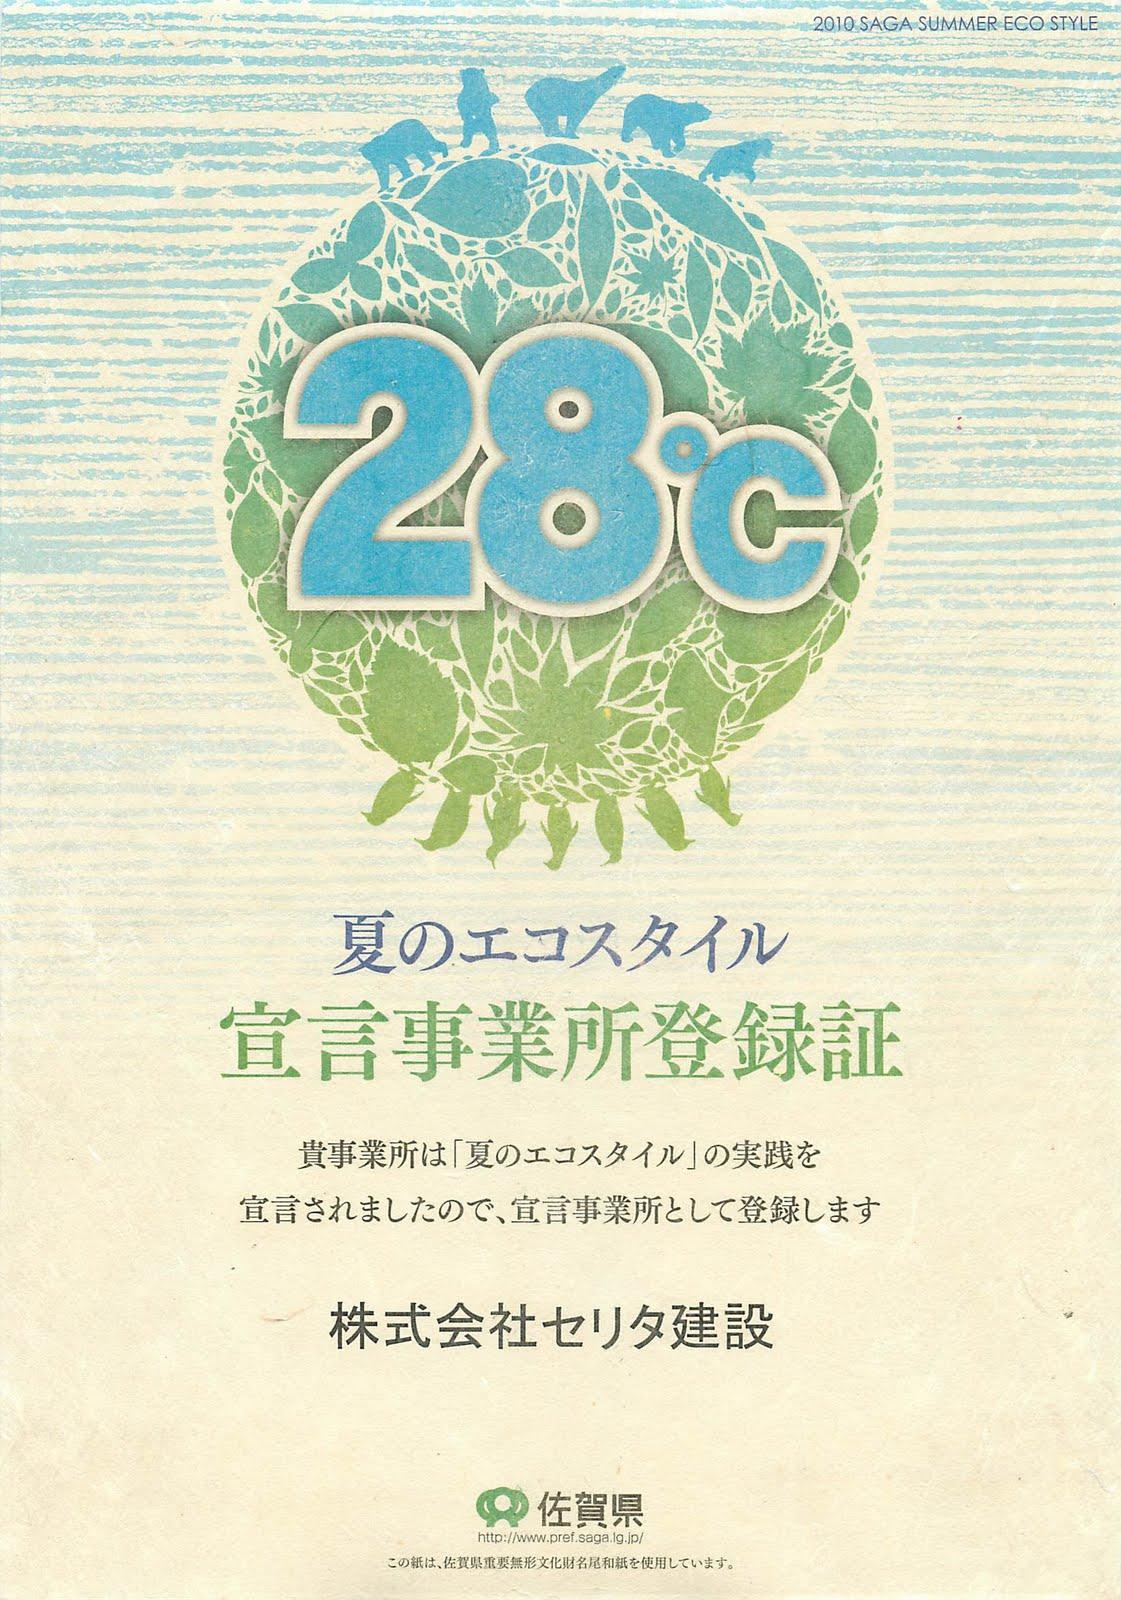 「夏のエコスタイル宣言事業所」 第2弾